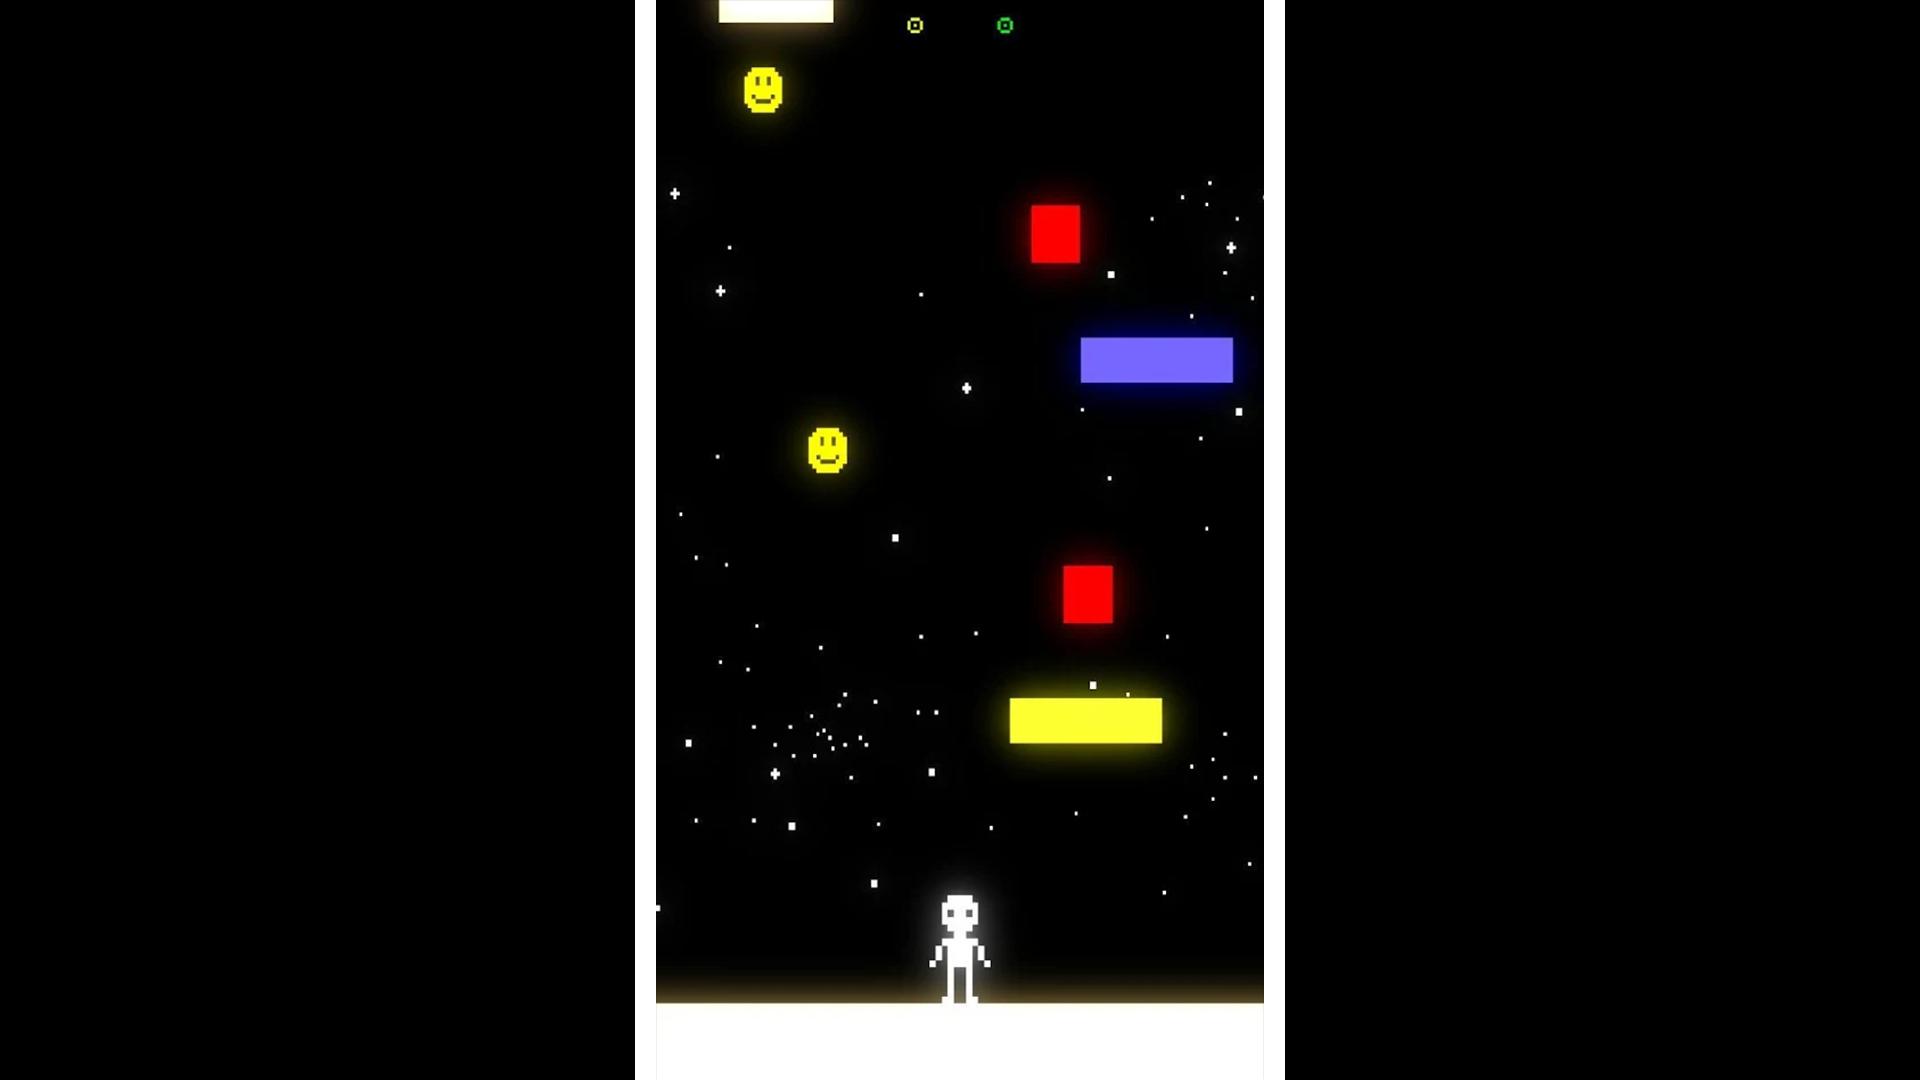 JumpJumpzWideScreenshot4